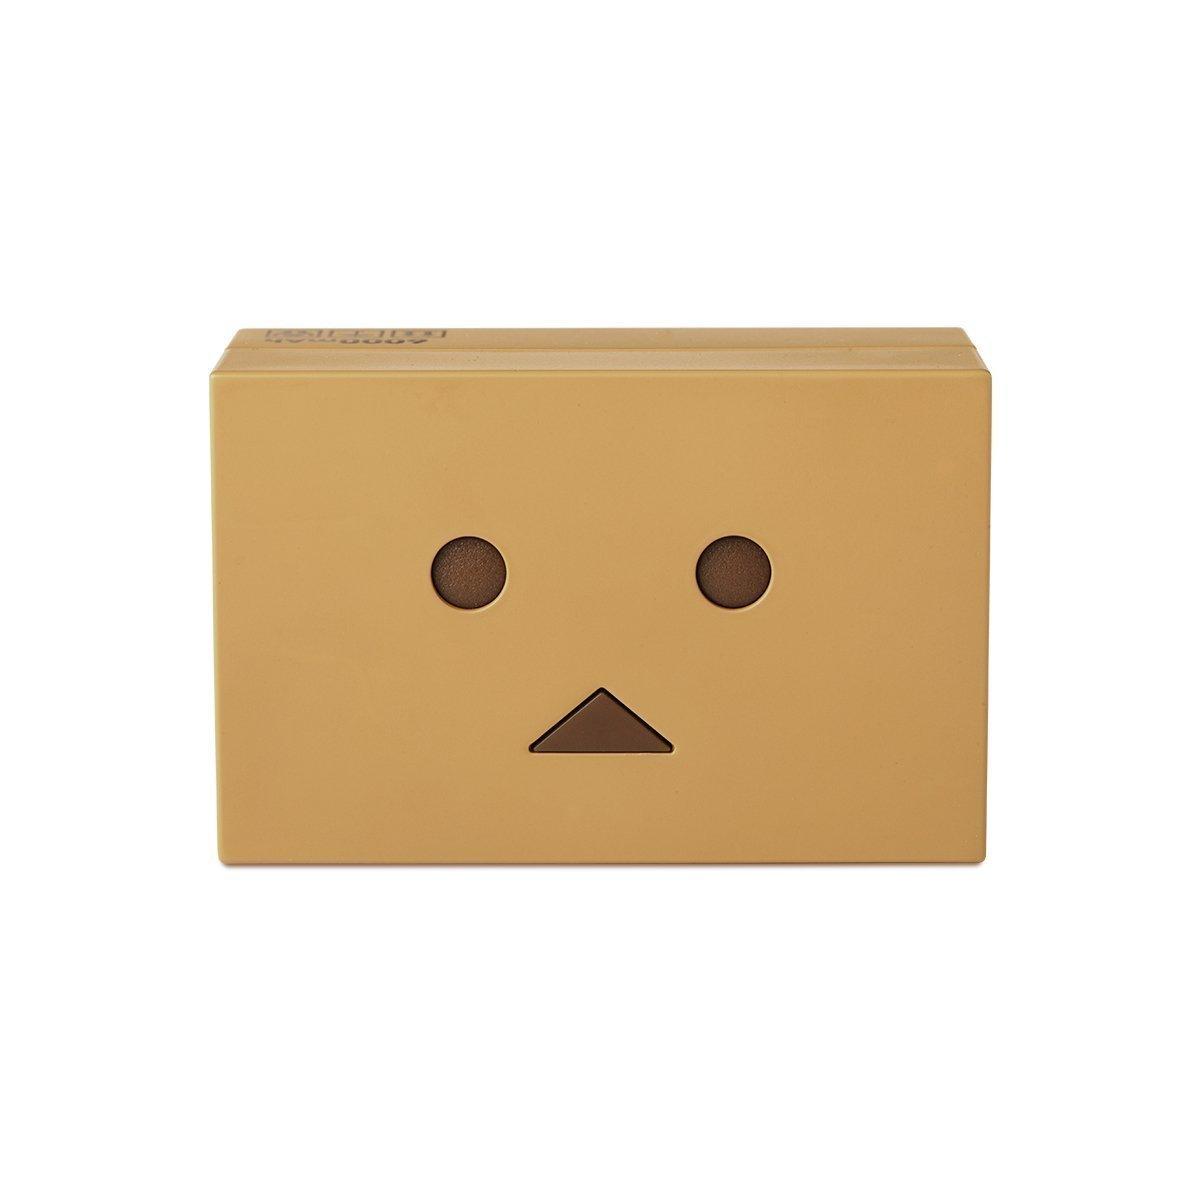 cheero日亚前三品牌日本创意可爱迷你纸箱人阿楞充电